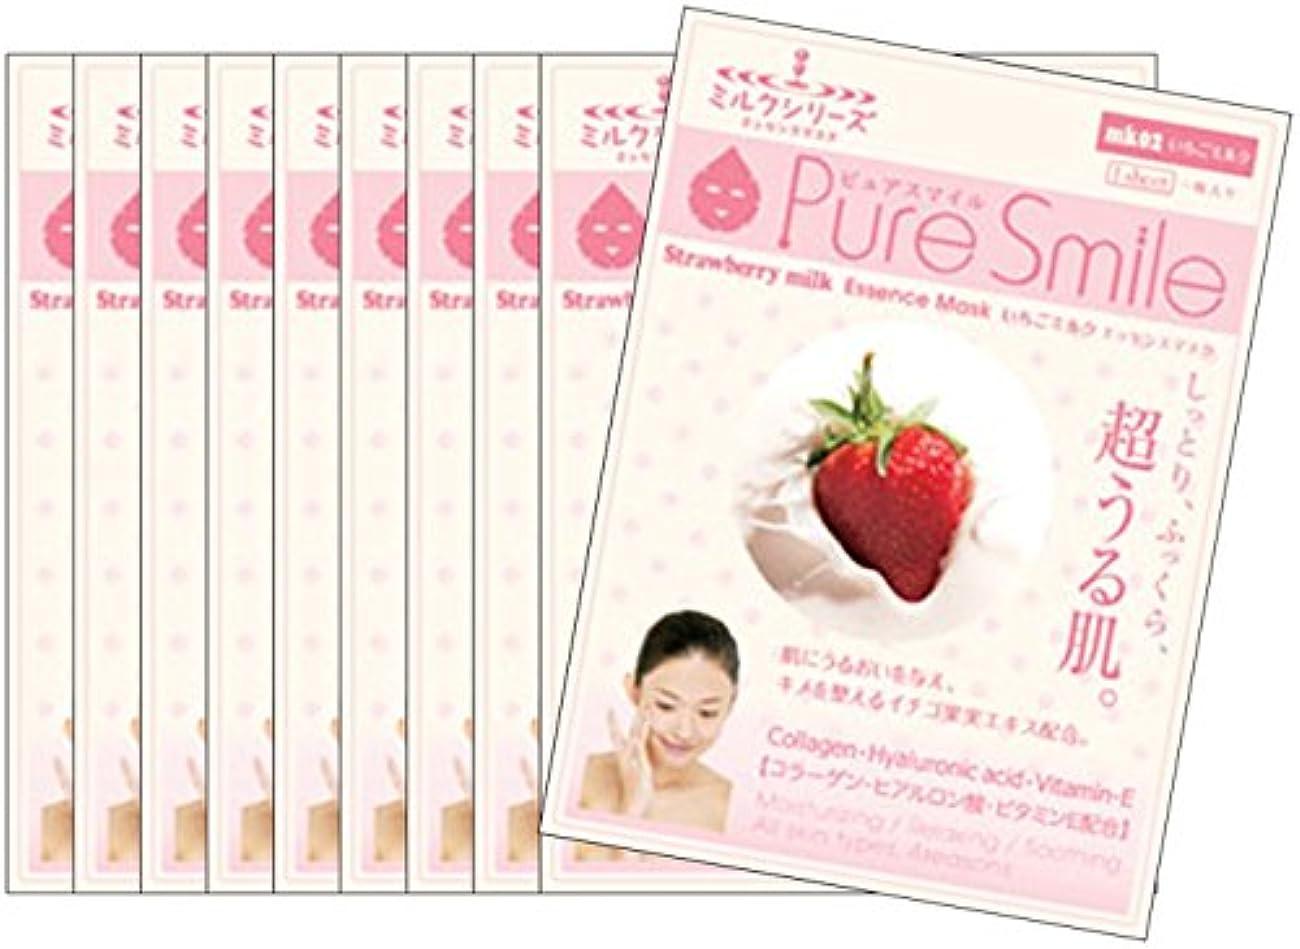 俳句比較的クレアピュアスマイル エッセンスマスク ミルクシリーズ いちごミルク 10枚セット